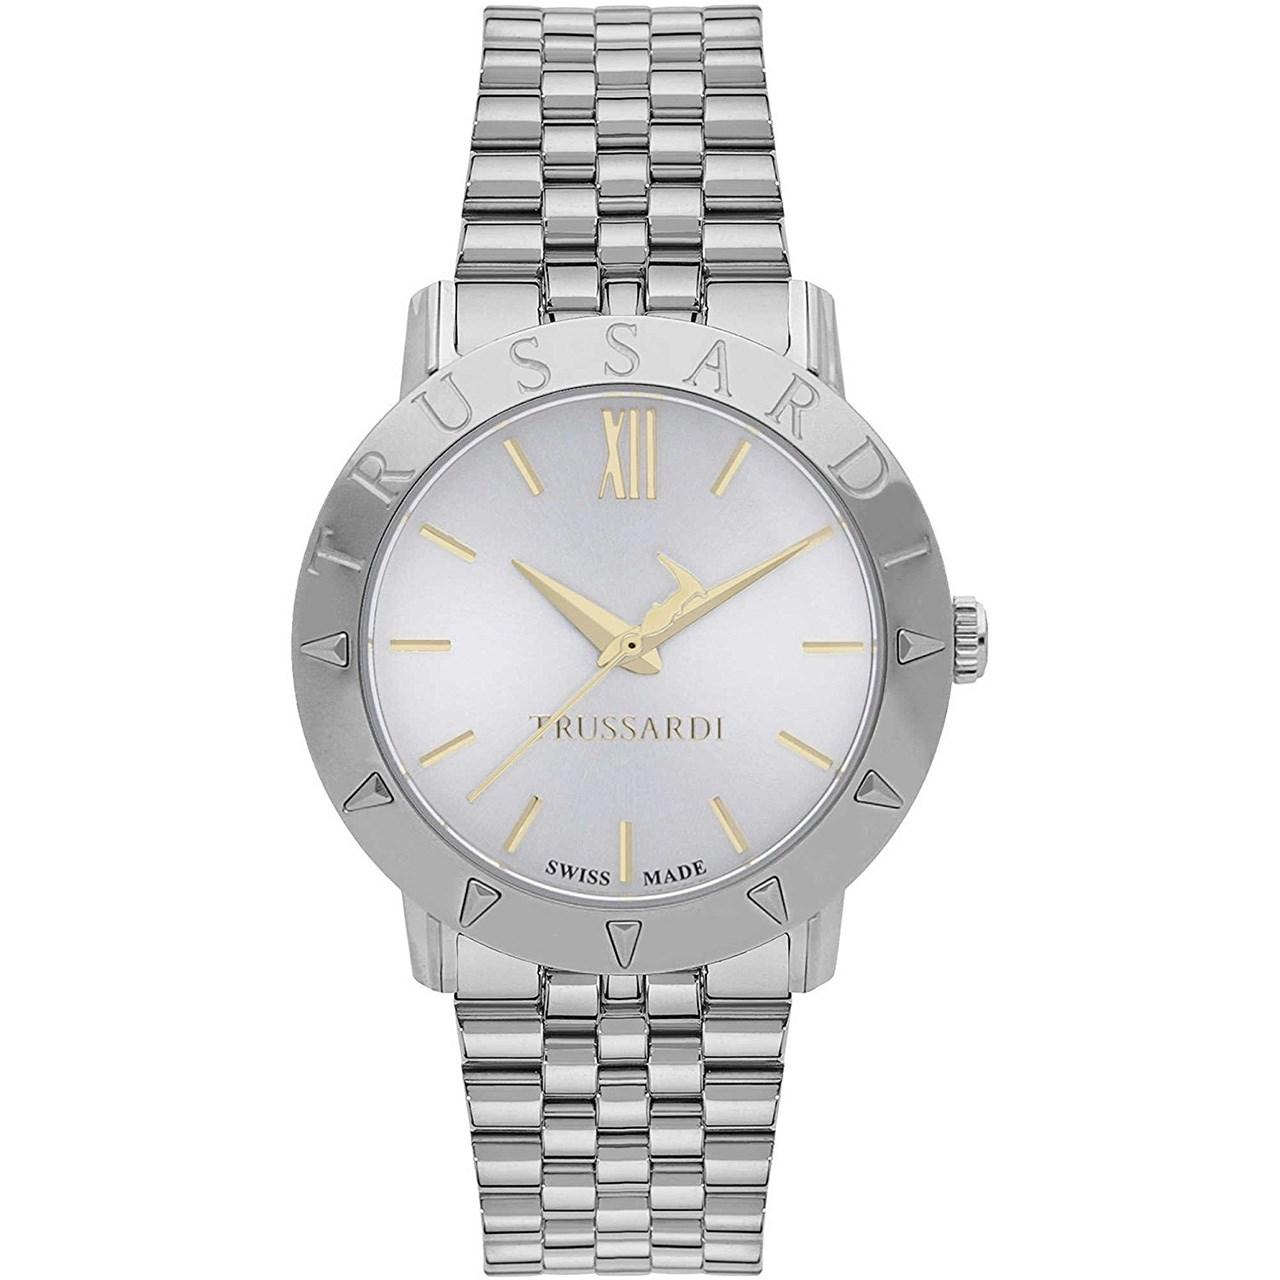 خرید ساعت مچی عقربه ای زنانه تروساردی مدل TR-R2453108504